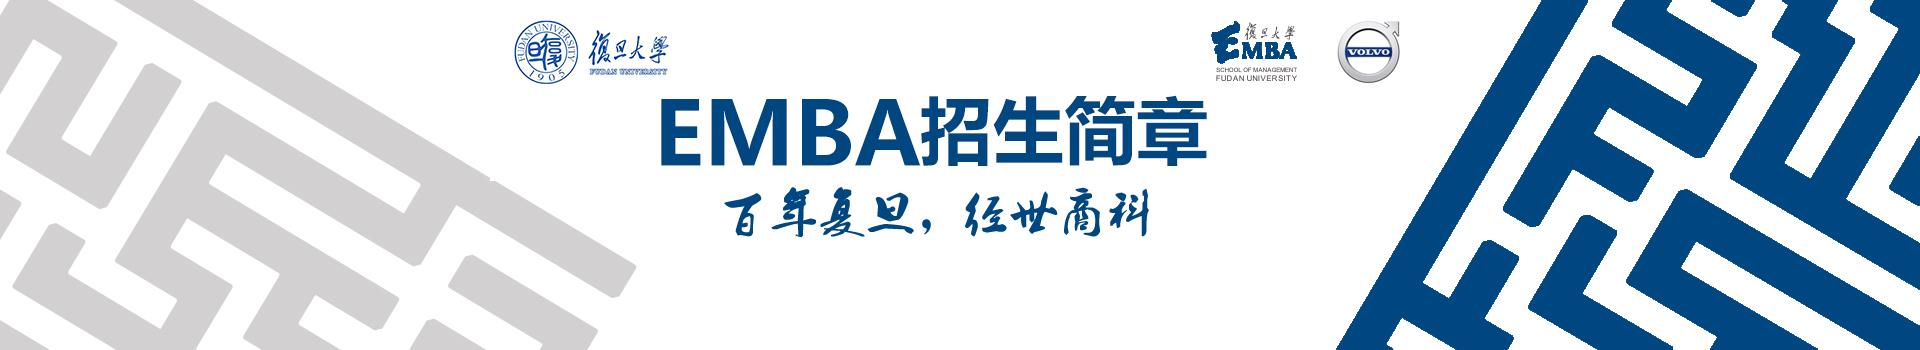 复旦大学管理学院高级工商管理硕士EMBA招生简章